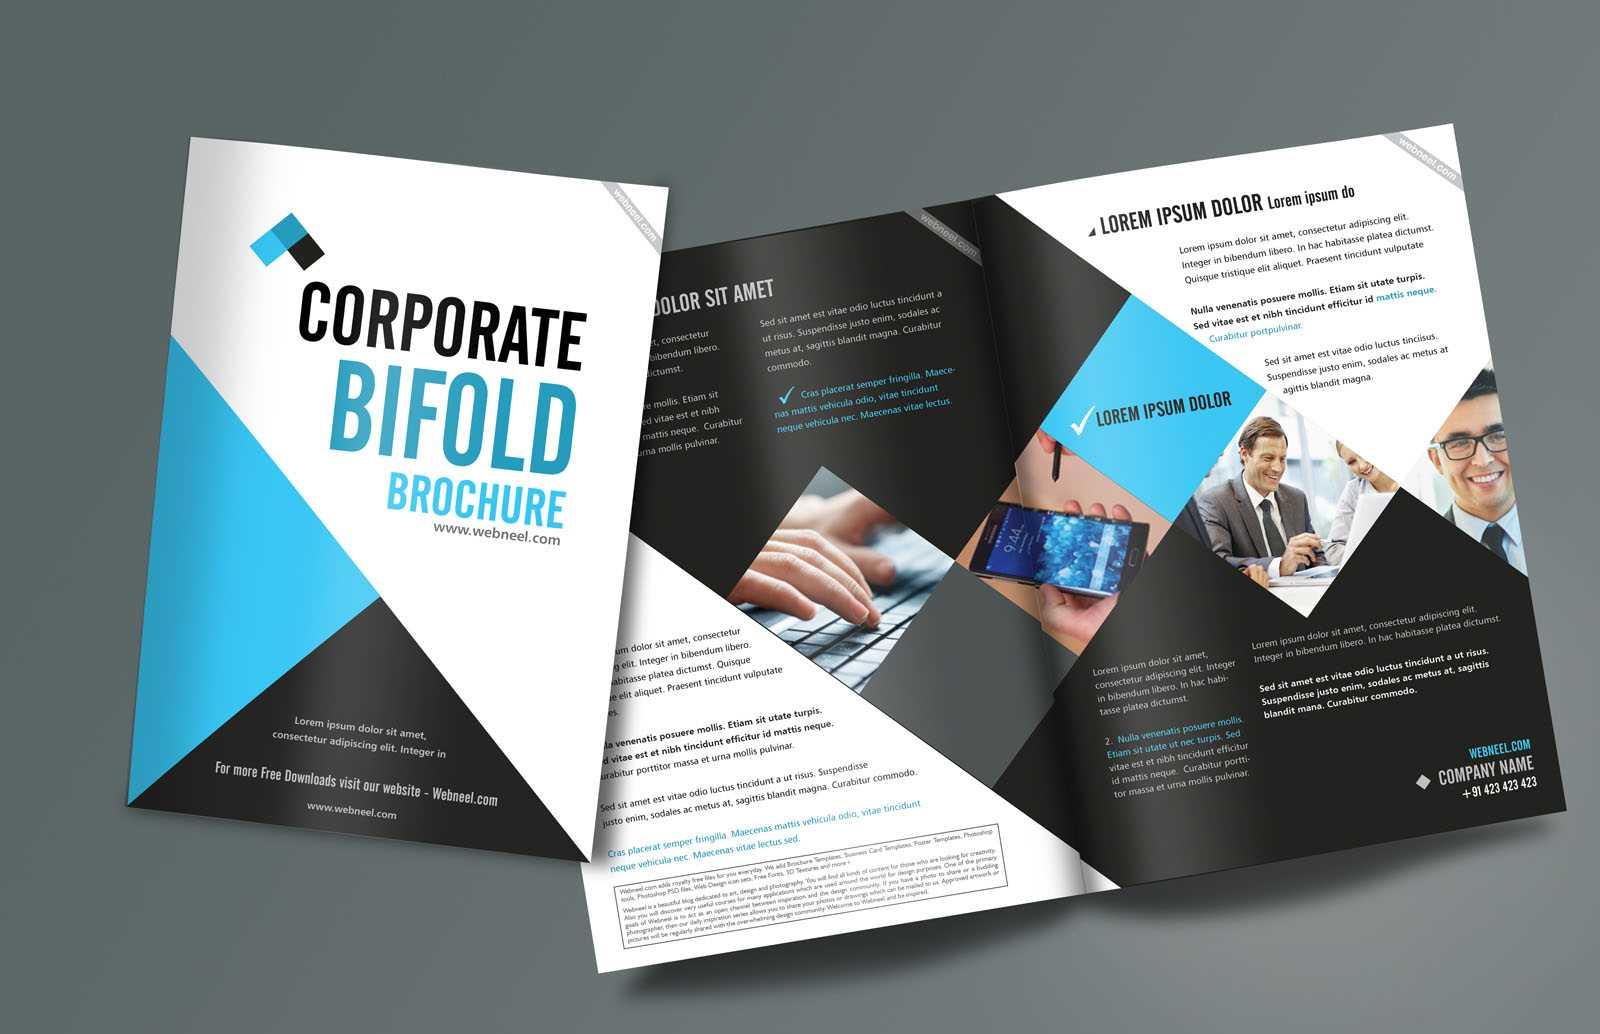 Corporate Bifold Brochure Design Templates - Freedownload pertaining to E Brochure Design Templates